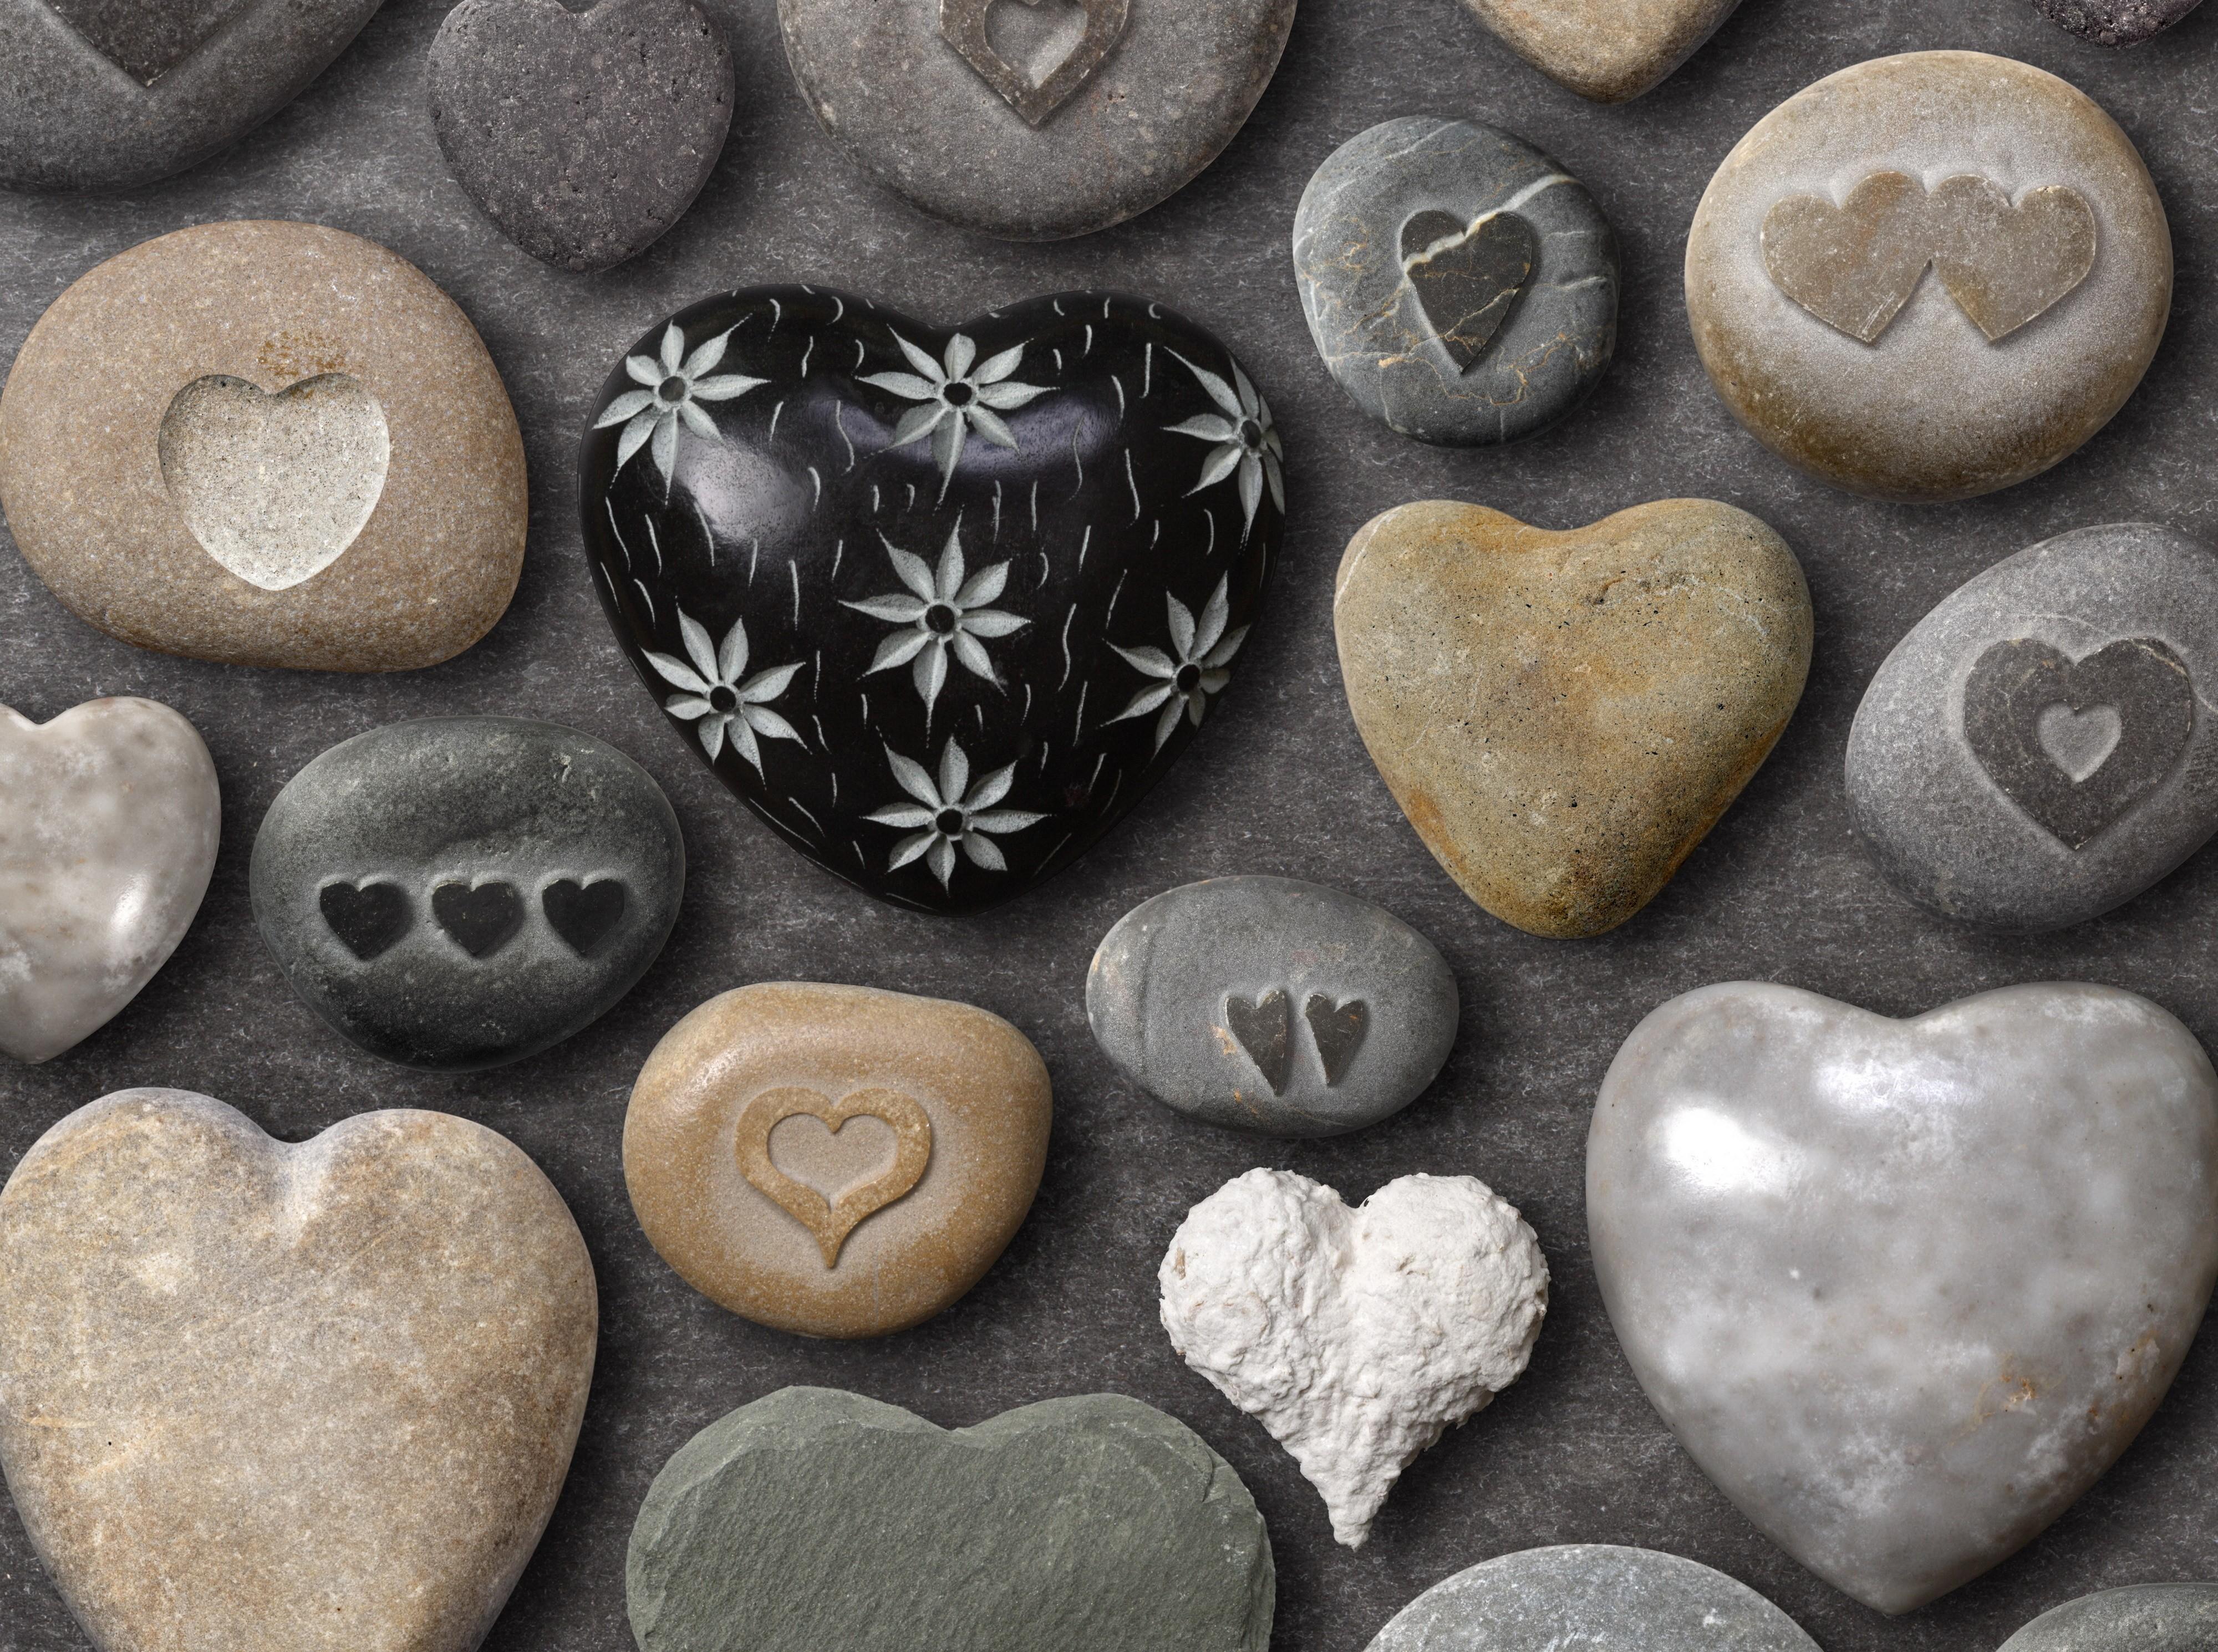 129705 Hintergrundbild herunterladen Herzen, Stones, Liebe, Attribute, Kunsthandwerk, Handwerk - Bildschirmschoner und Bilder kostenlos